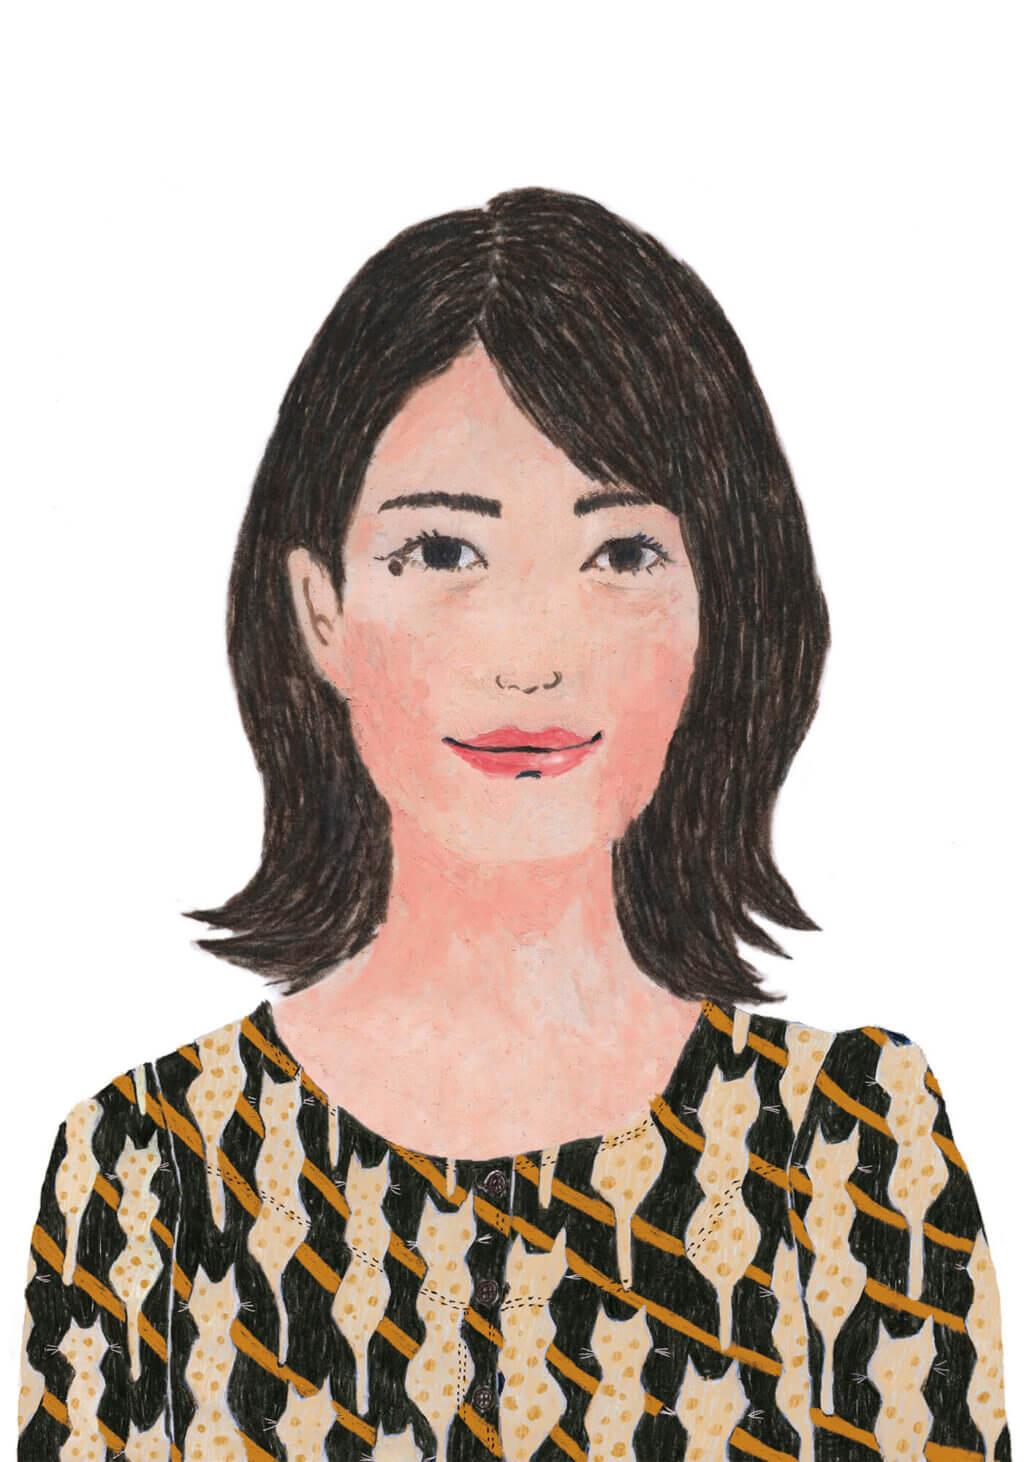 「ねこのきもち」イラストカット ベネッセ 2020年6月号「真辺編集長」